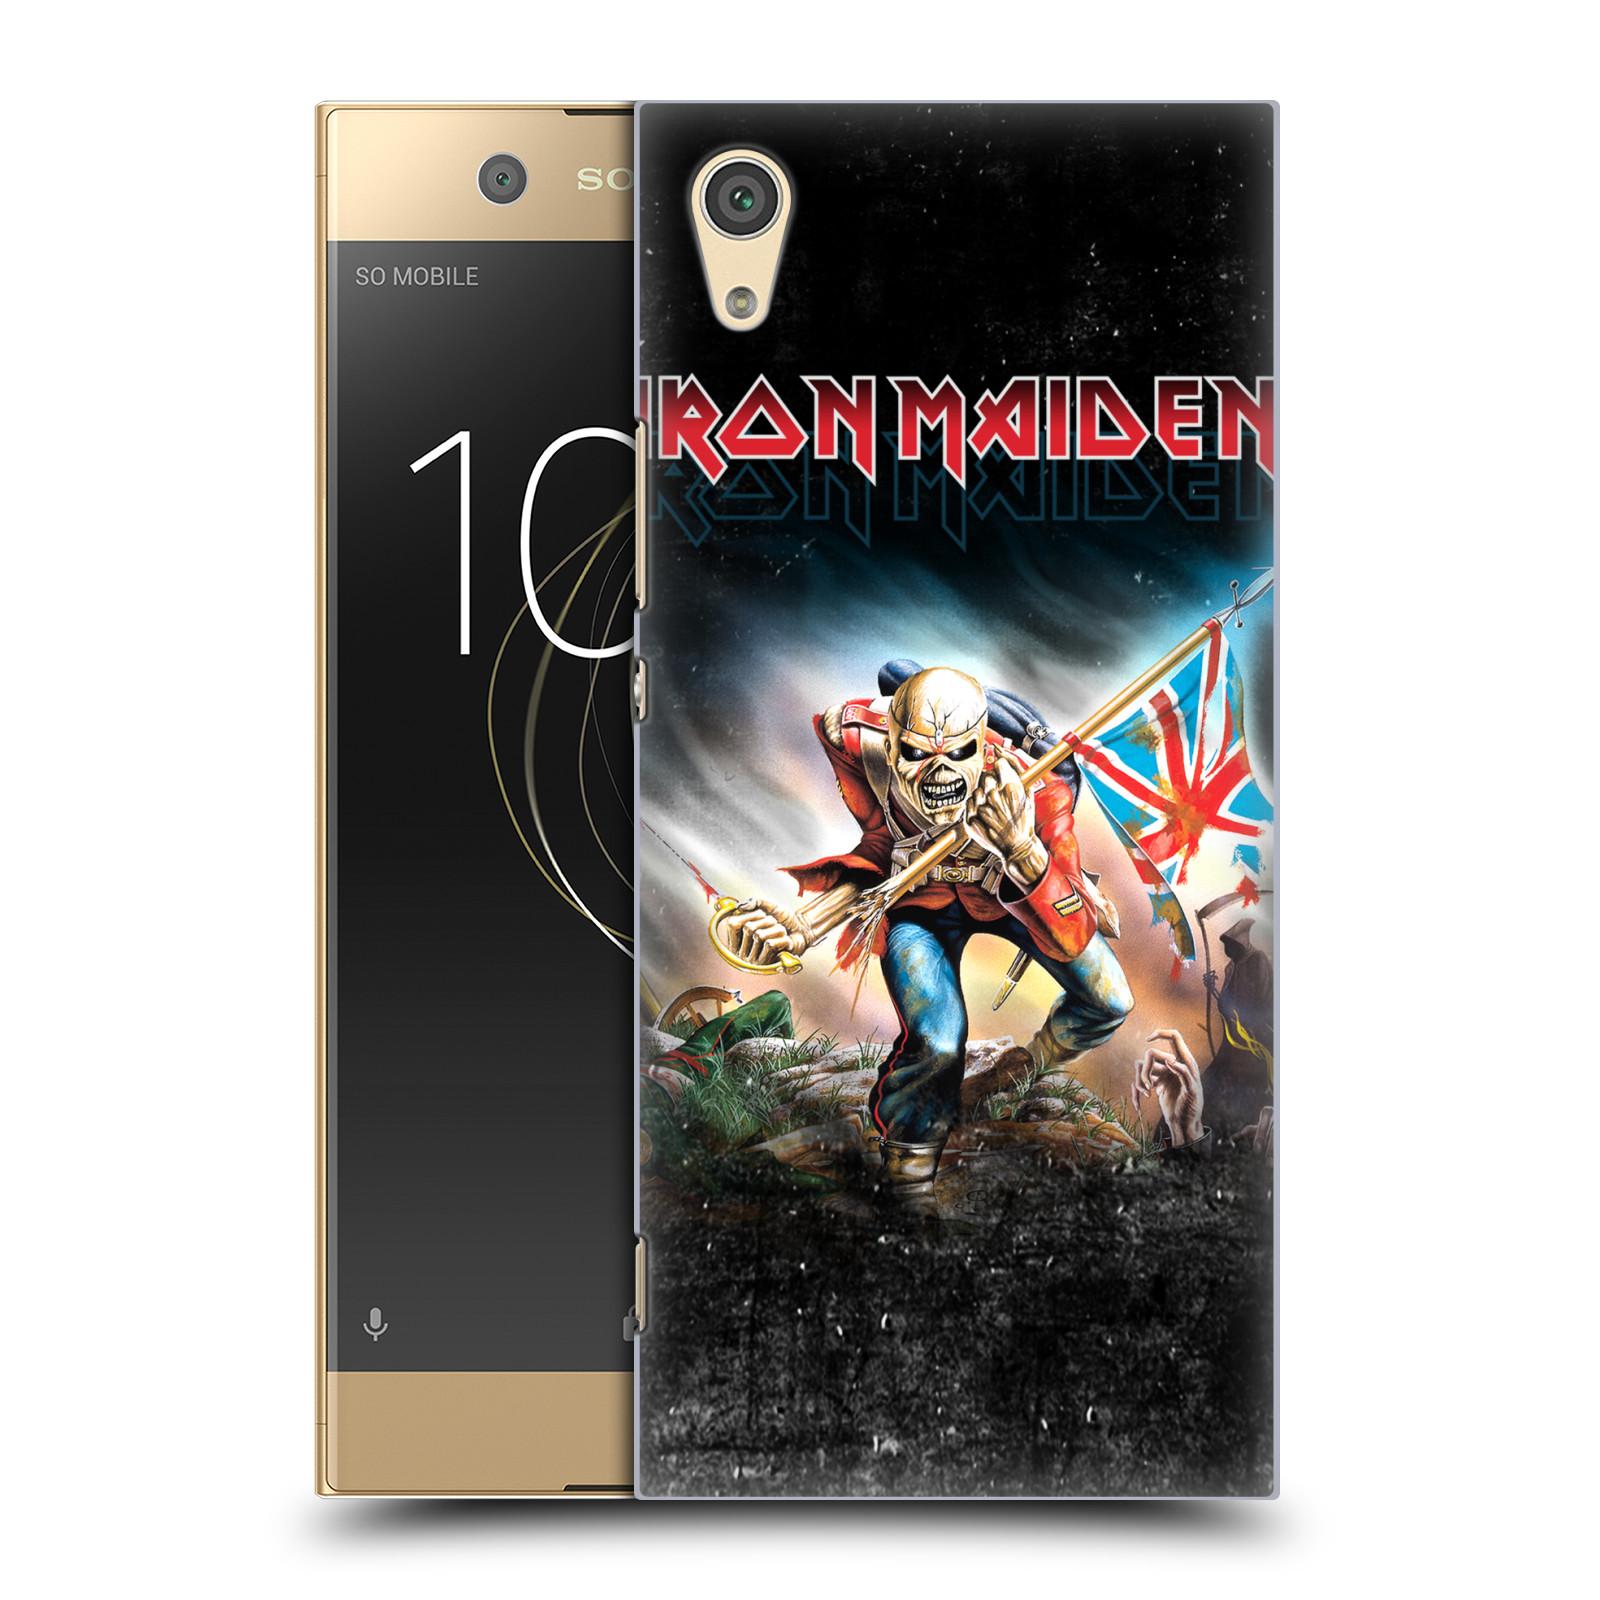 Plastové pouzdro na mobil Sony Xperia XA1 - Head Case - Iron Maiden - Trooper 2016